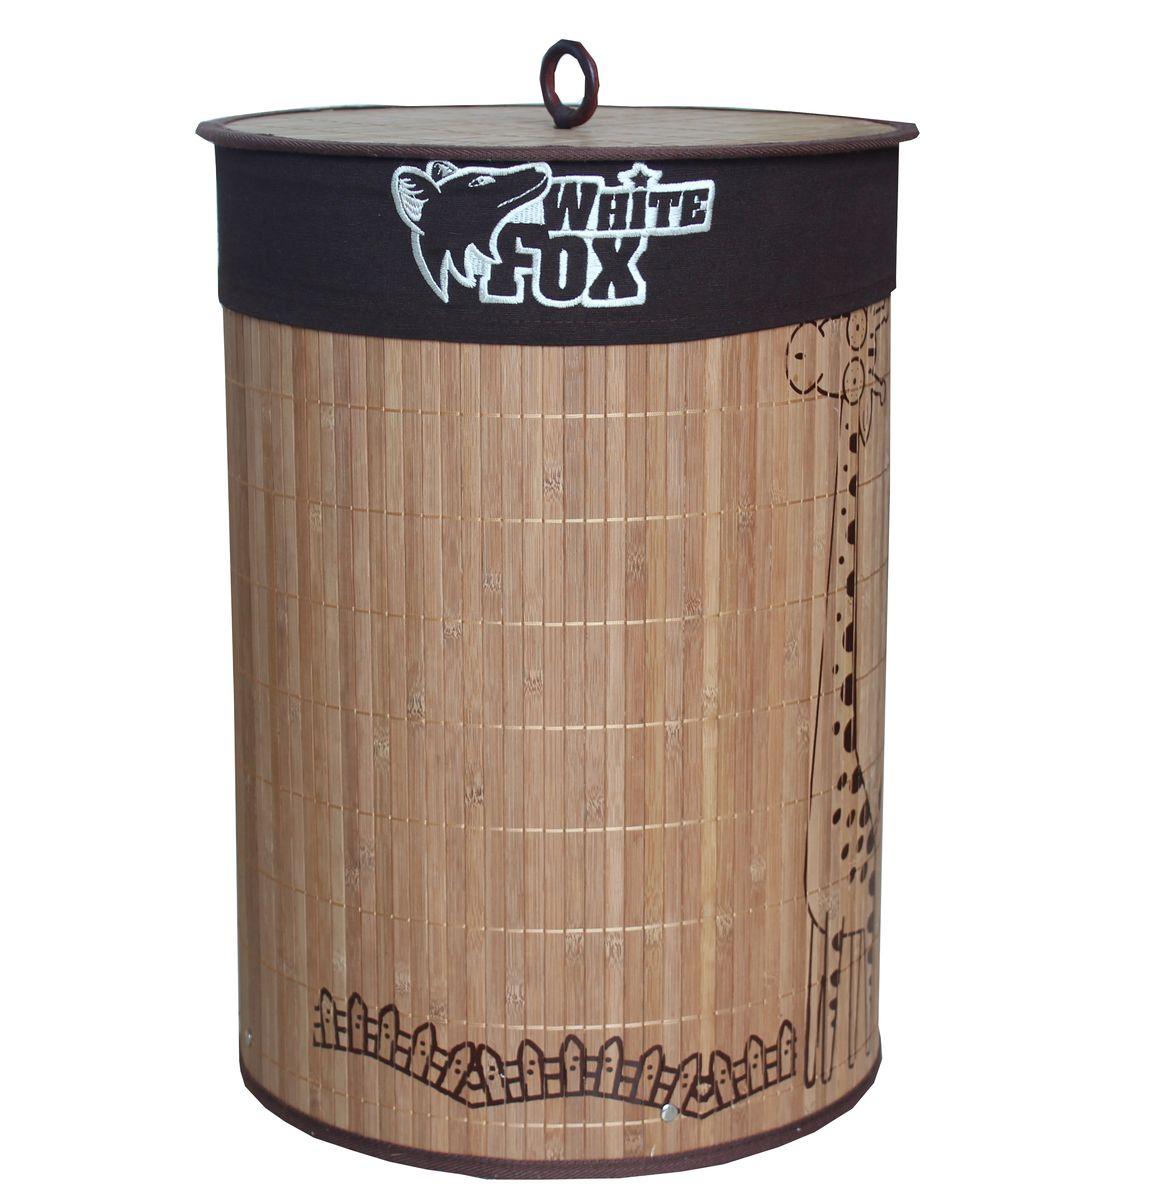 Корзина для белья White Fox Bamboo Beauty, круглаяWBLA10-216Корзина White Fox Bamboo Beauty предназначена для организации и хранения белья.Съемный чехол можно стирать в стиральной машине при деликатной стирке. Удобные ручкипомогут перемещать корзину в любое удобное место.Состав: бамбук и текстиль